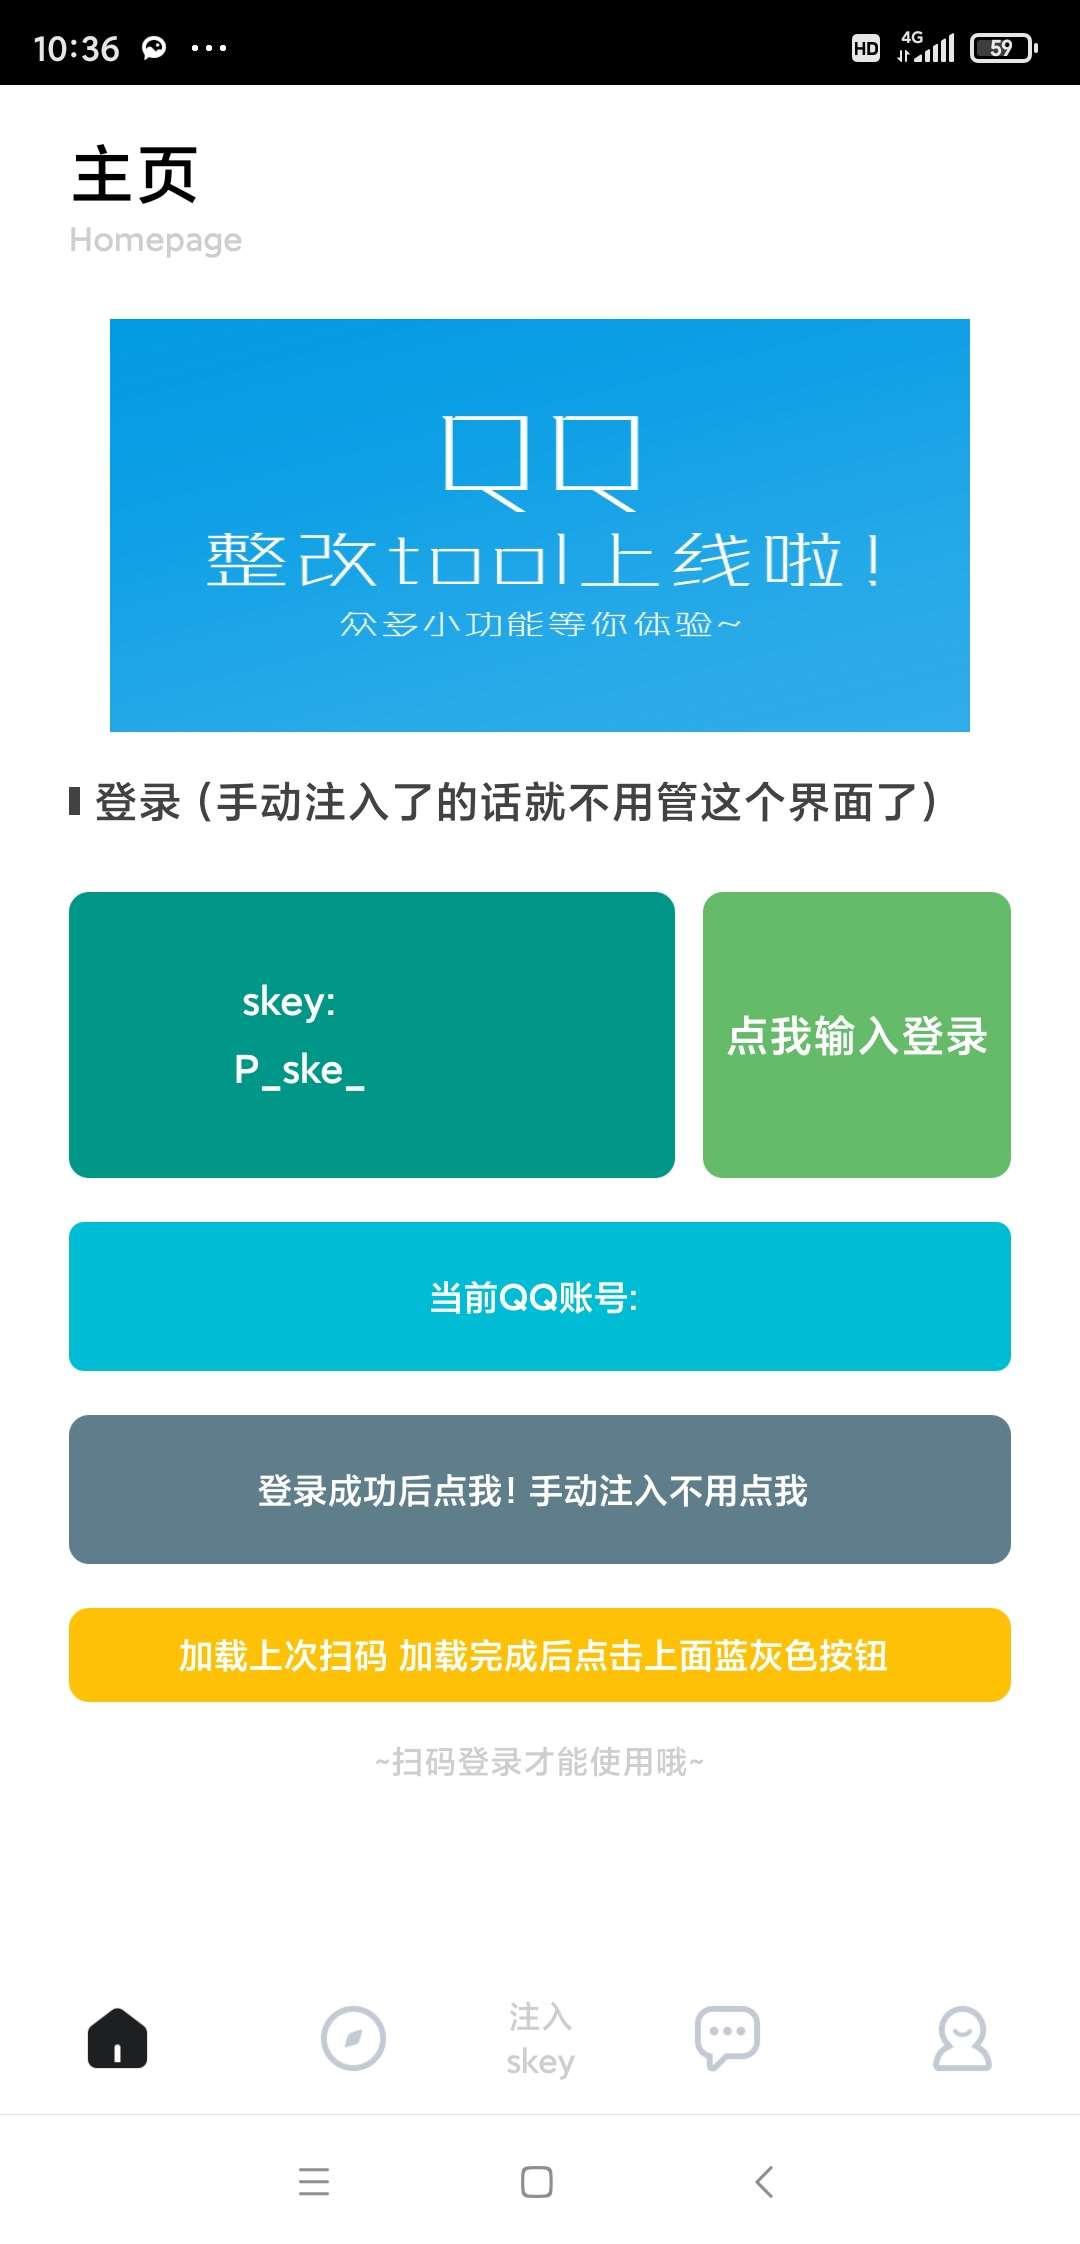 【原创软件】Skey权限3.0 可以修改朋友的QQ信息[滑稽]